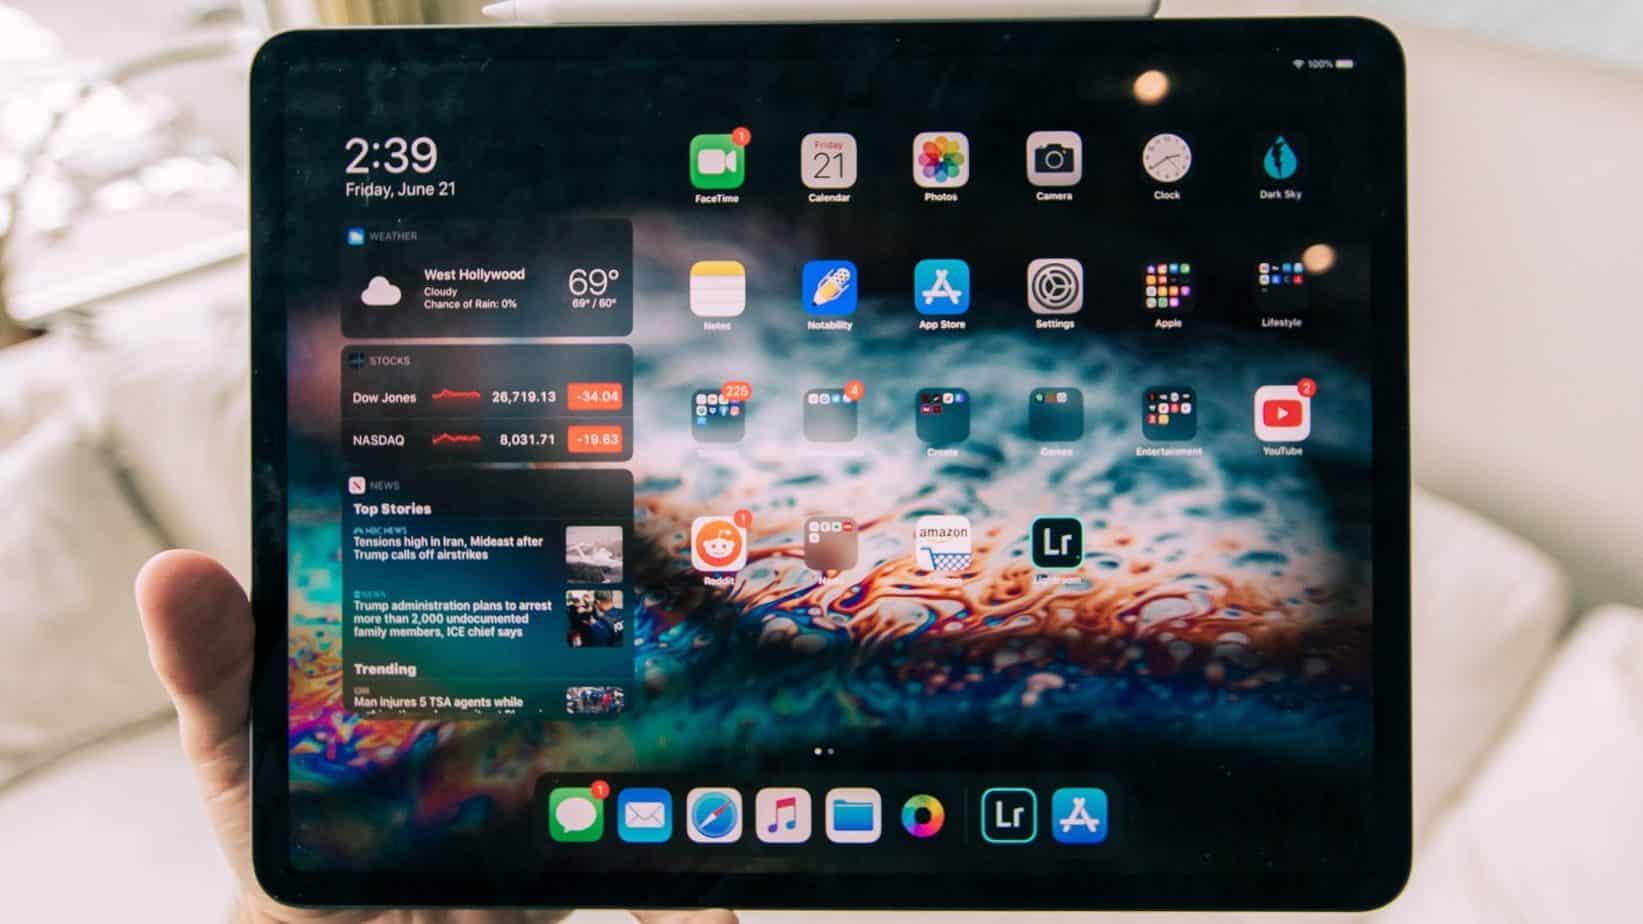 Les développeurs d'applications sur iPadOS 15 pourront dorénavant alloué plus de mémoire vive à leurs applications.